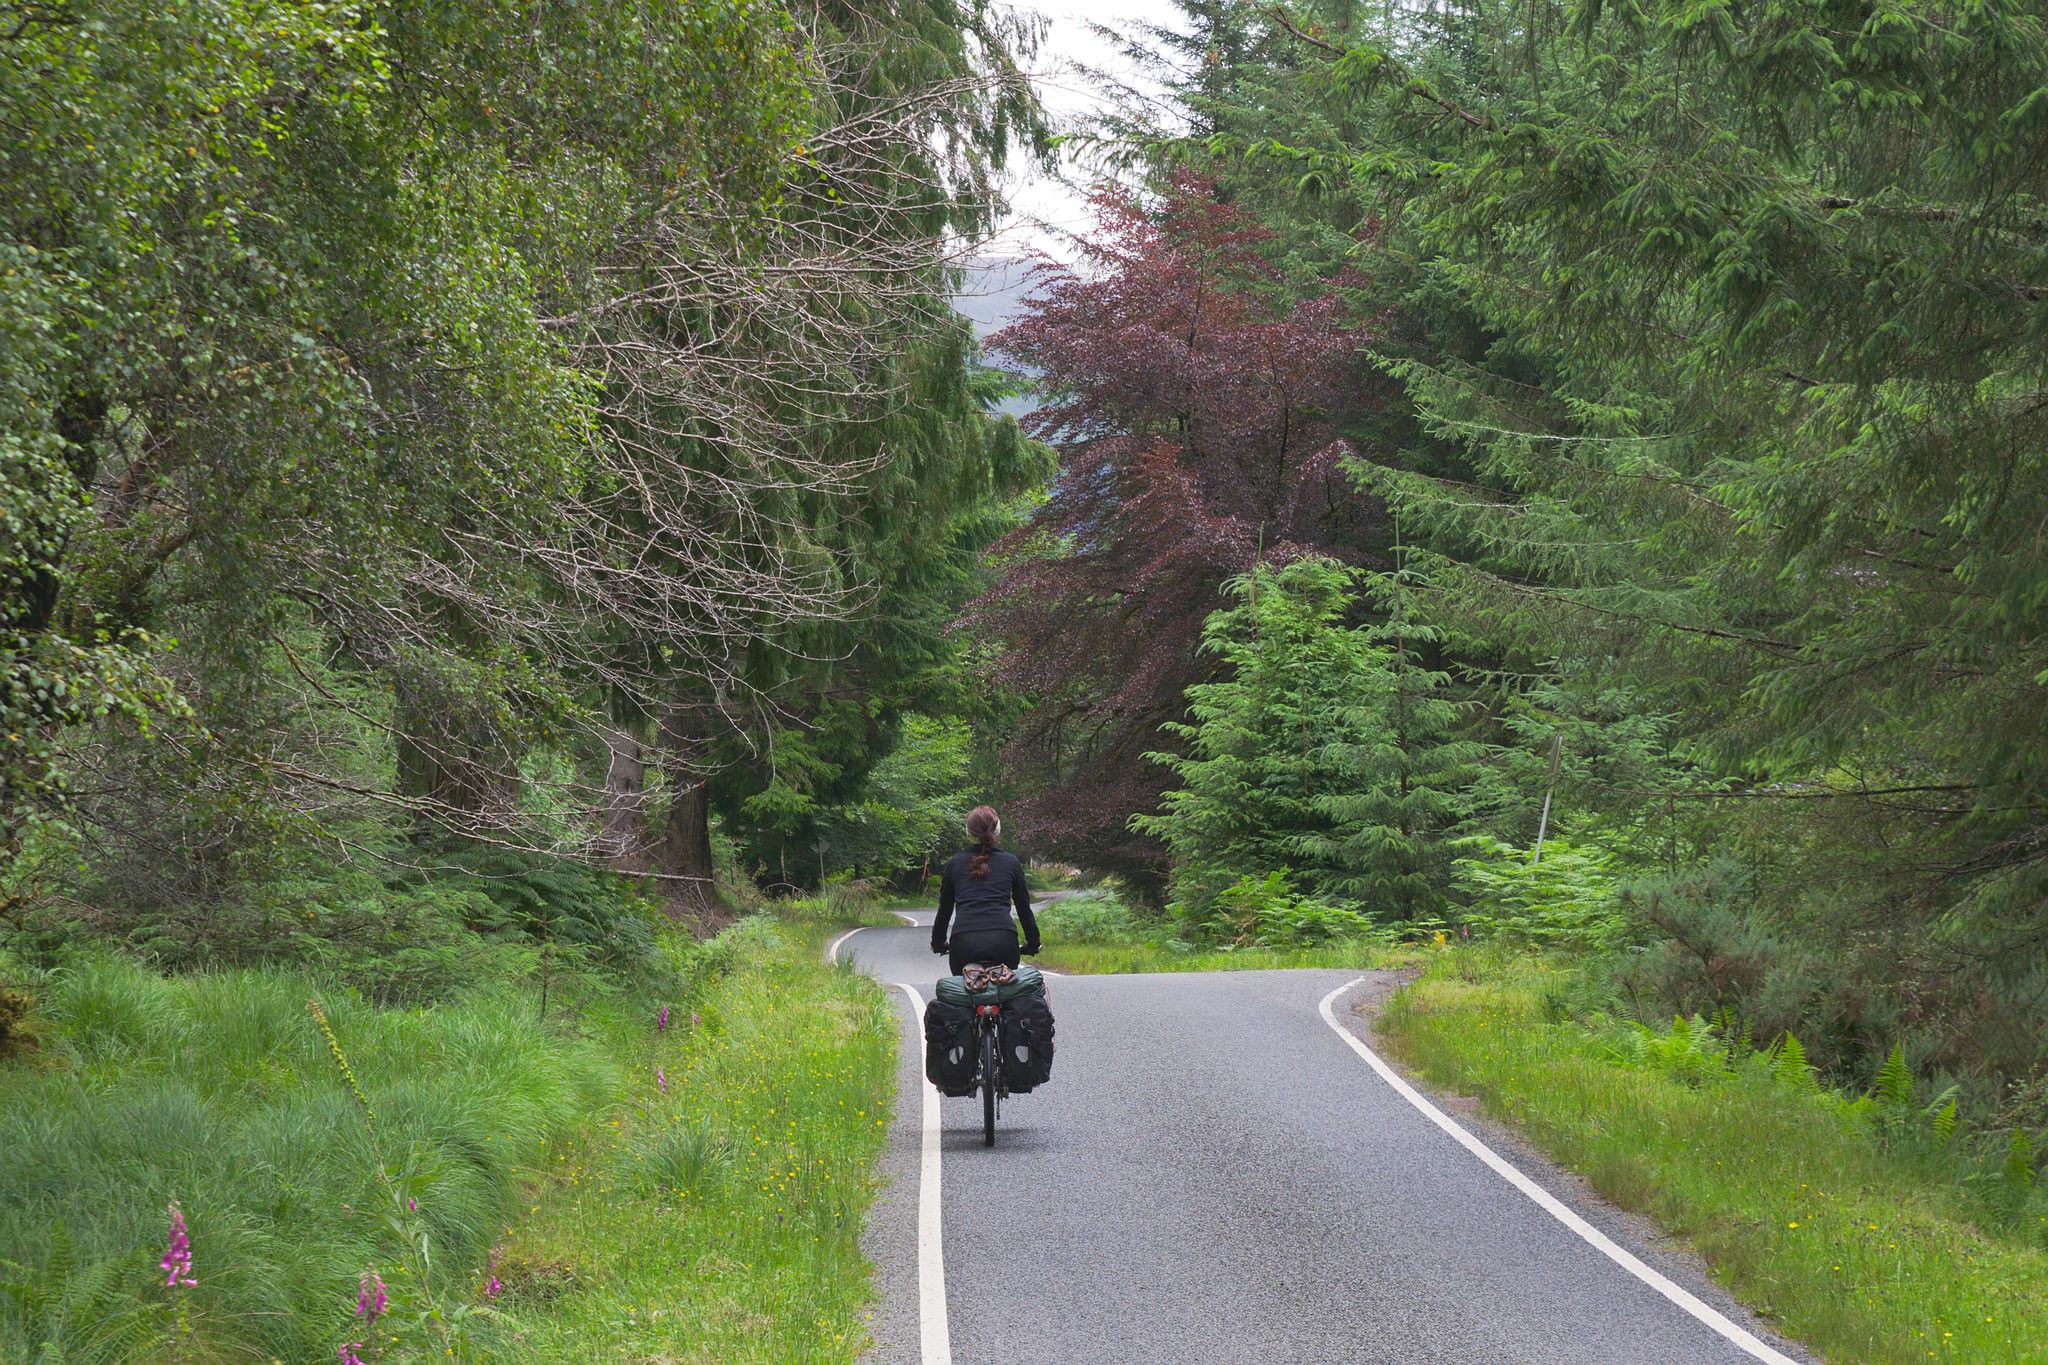 iskoçya bisiklet turu